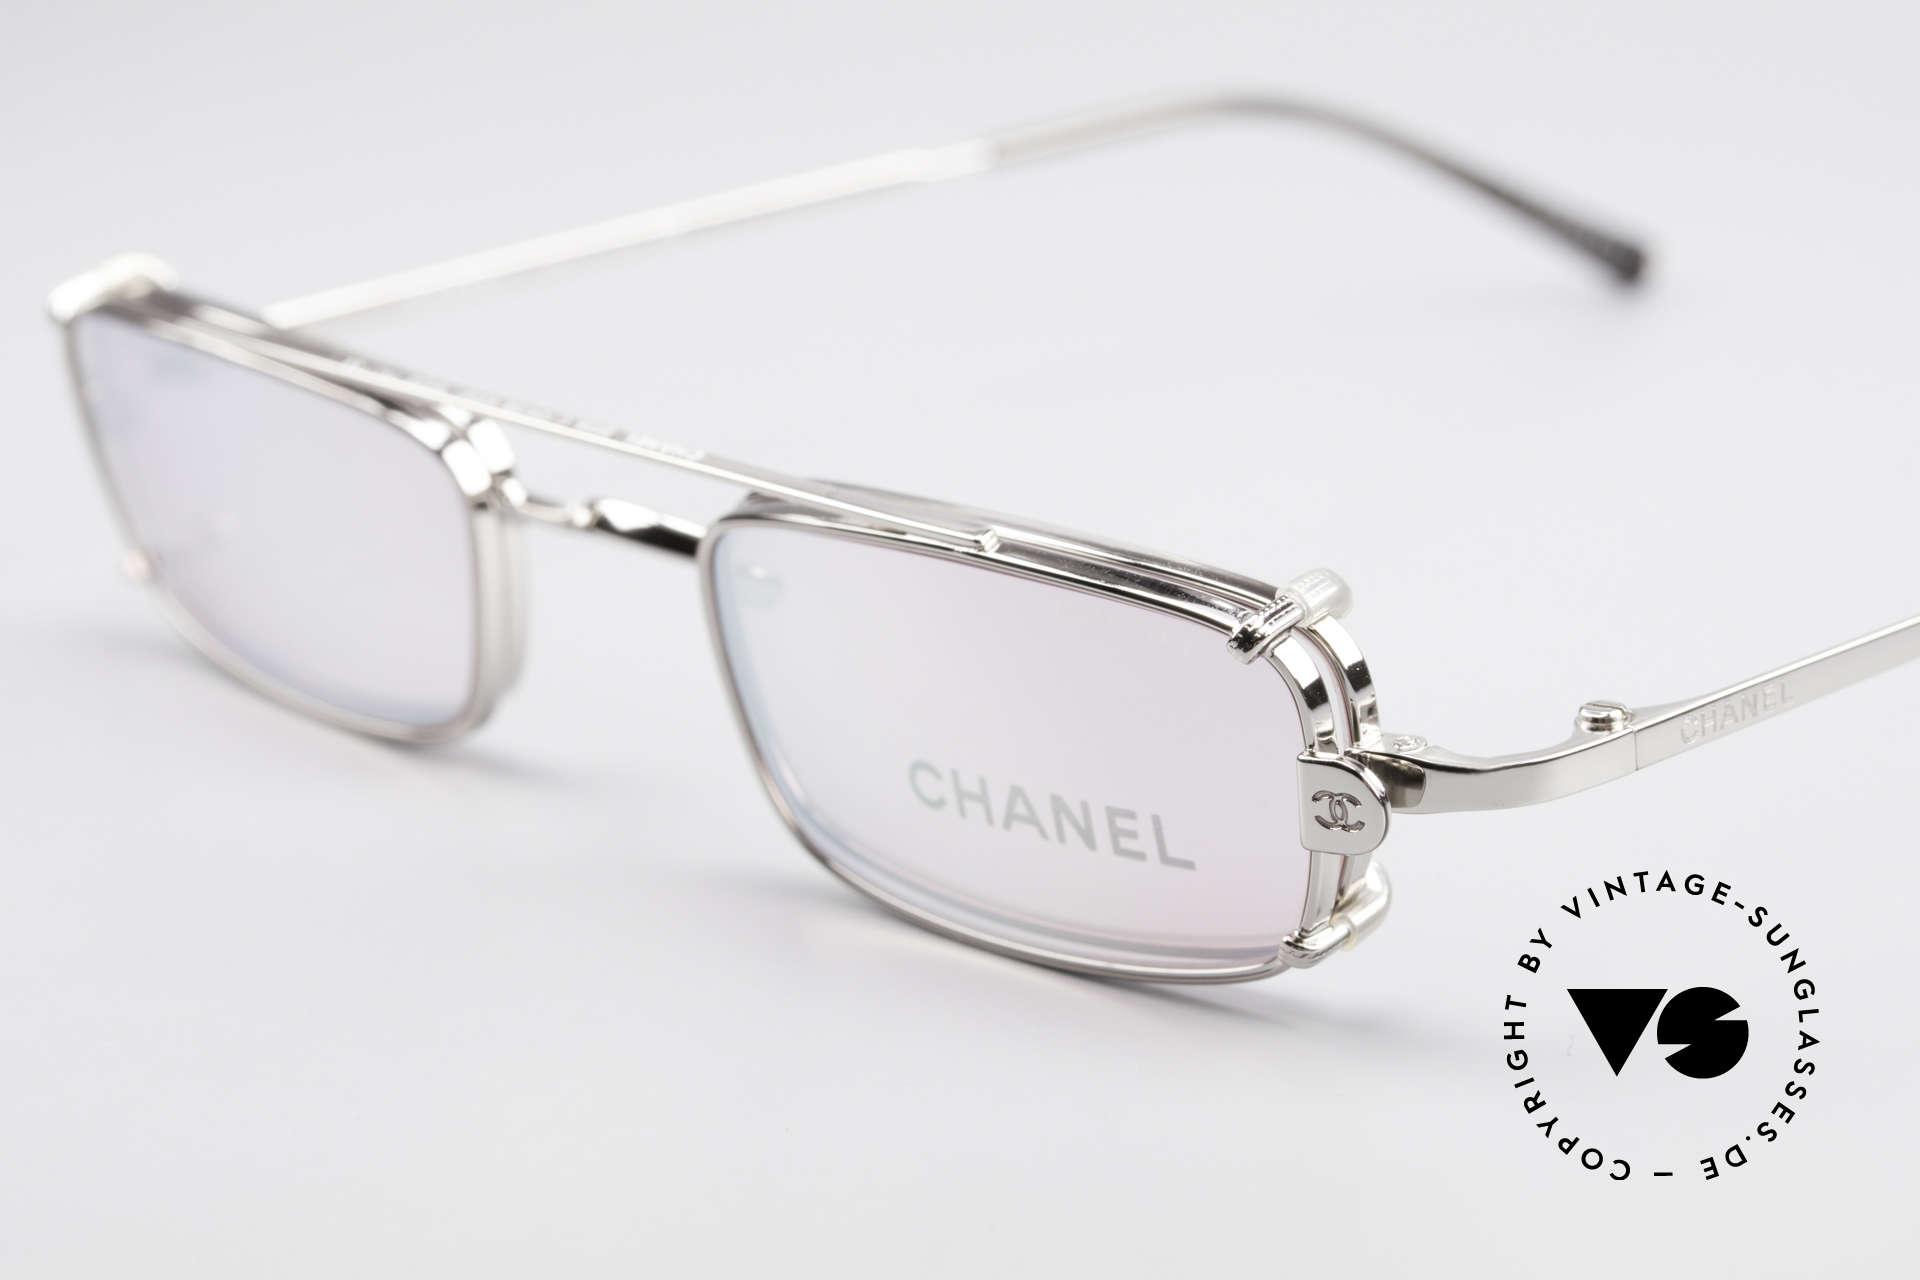 Chanel 2038 Pinke Luxus Brille Sonnenclip, Sonnengläser sind leicht verspiegelt PINK (100% UV), Passend für Damen